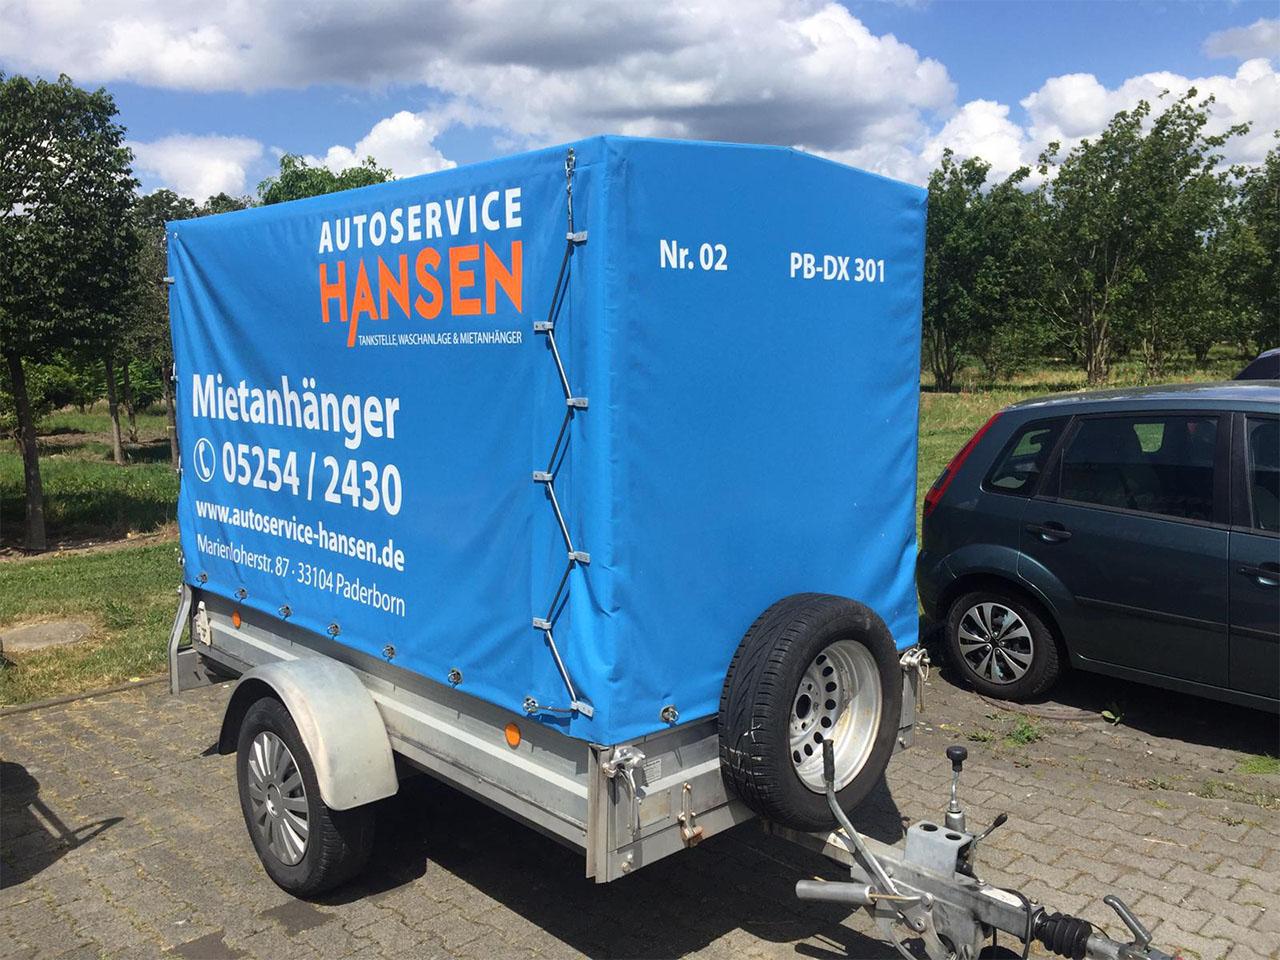 autoservice-hansen-anhaenger-paderborn-PB-DX301-1